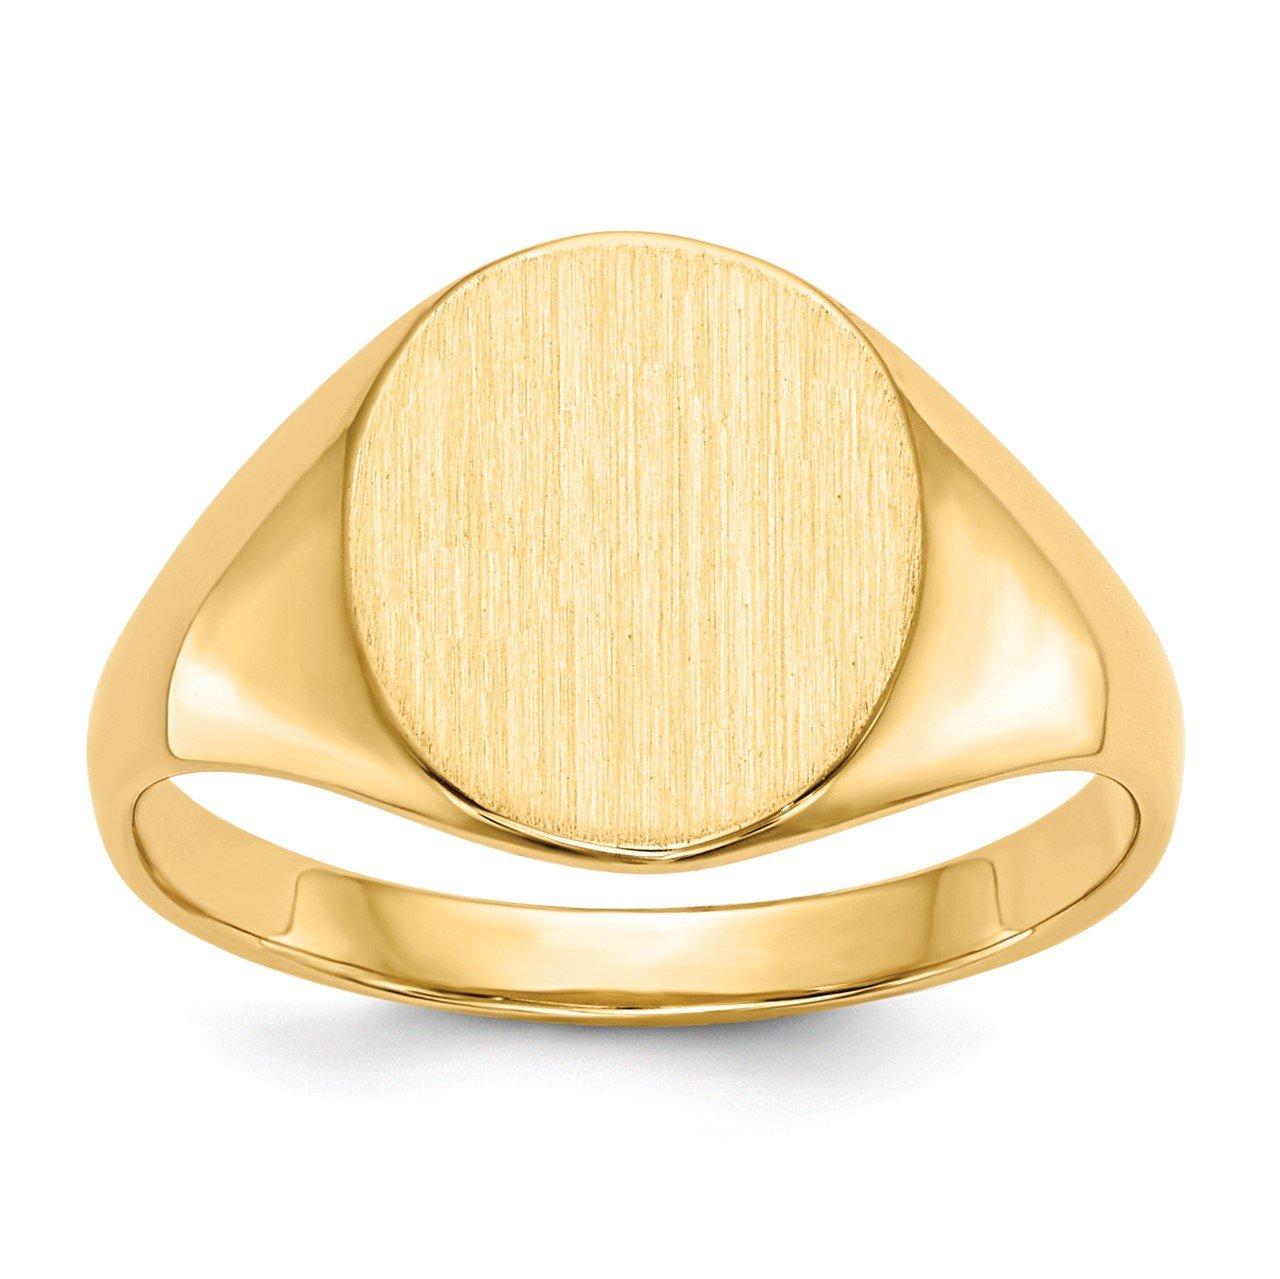 14k 11.0x9.5mm Open Back Signet Ring